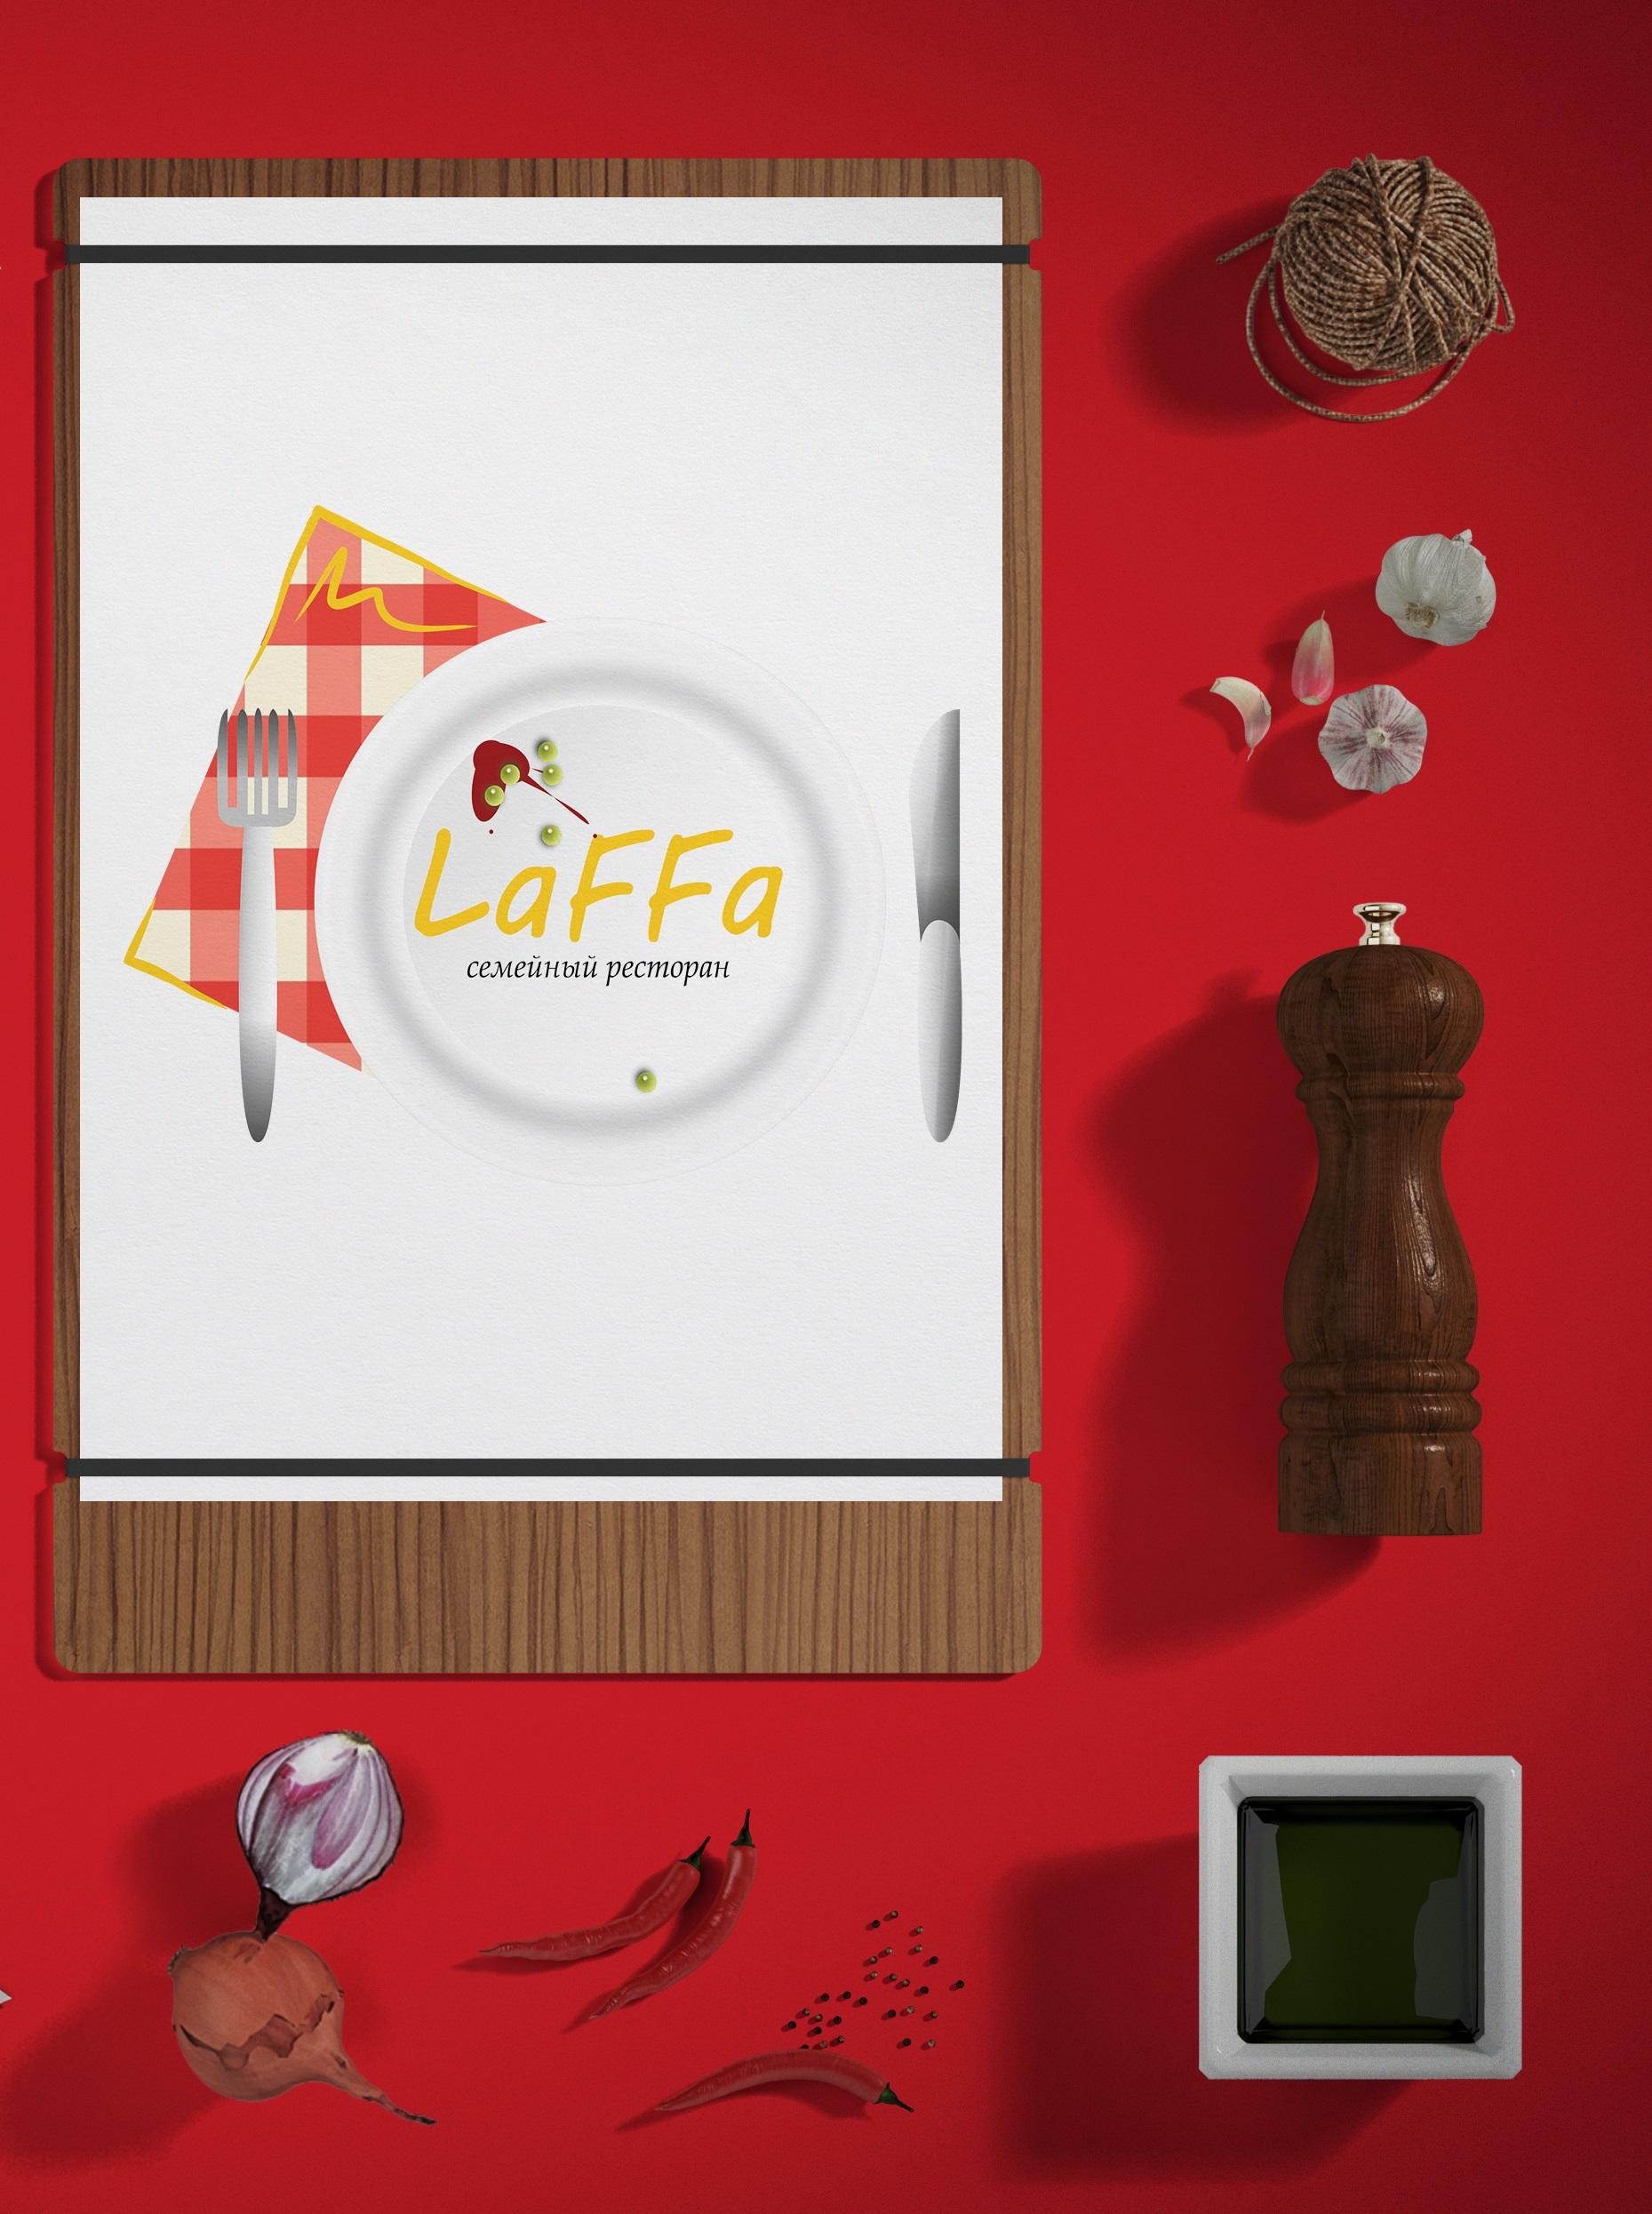 Нужно нарисовать логотип для семейного итальянского ресторан фото f_549554a031b6b0dd.jpg